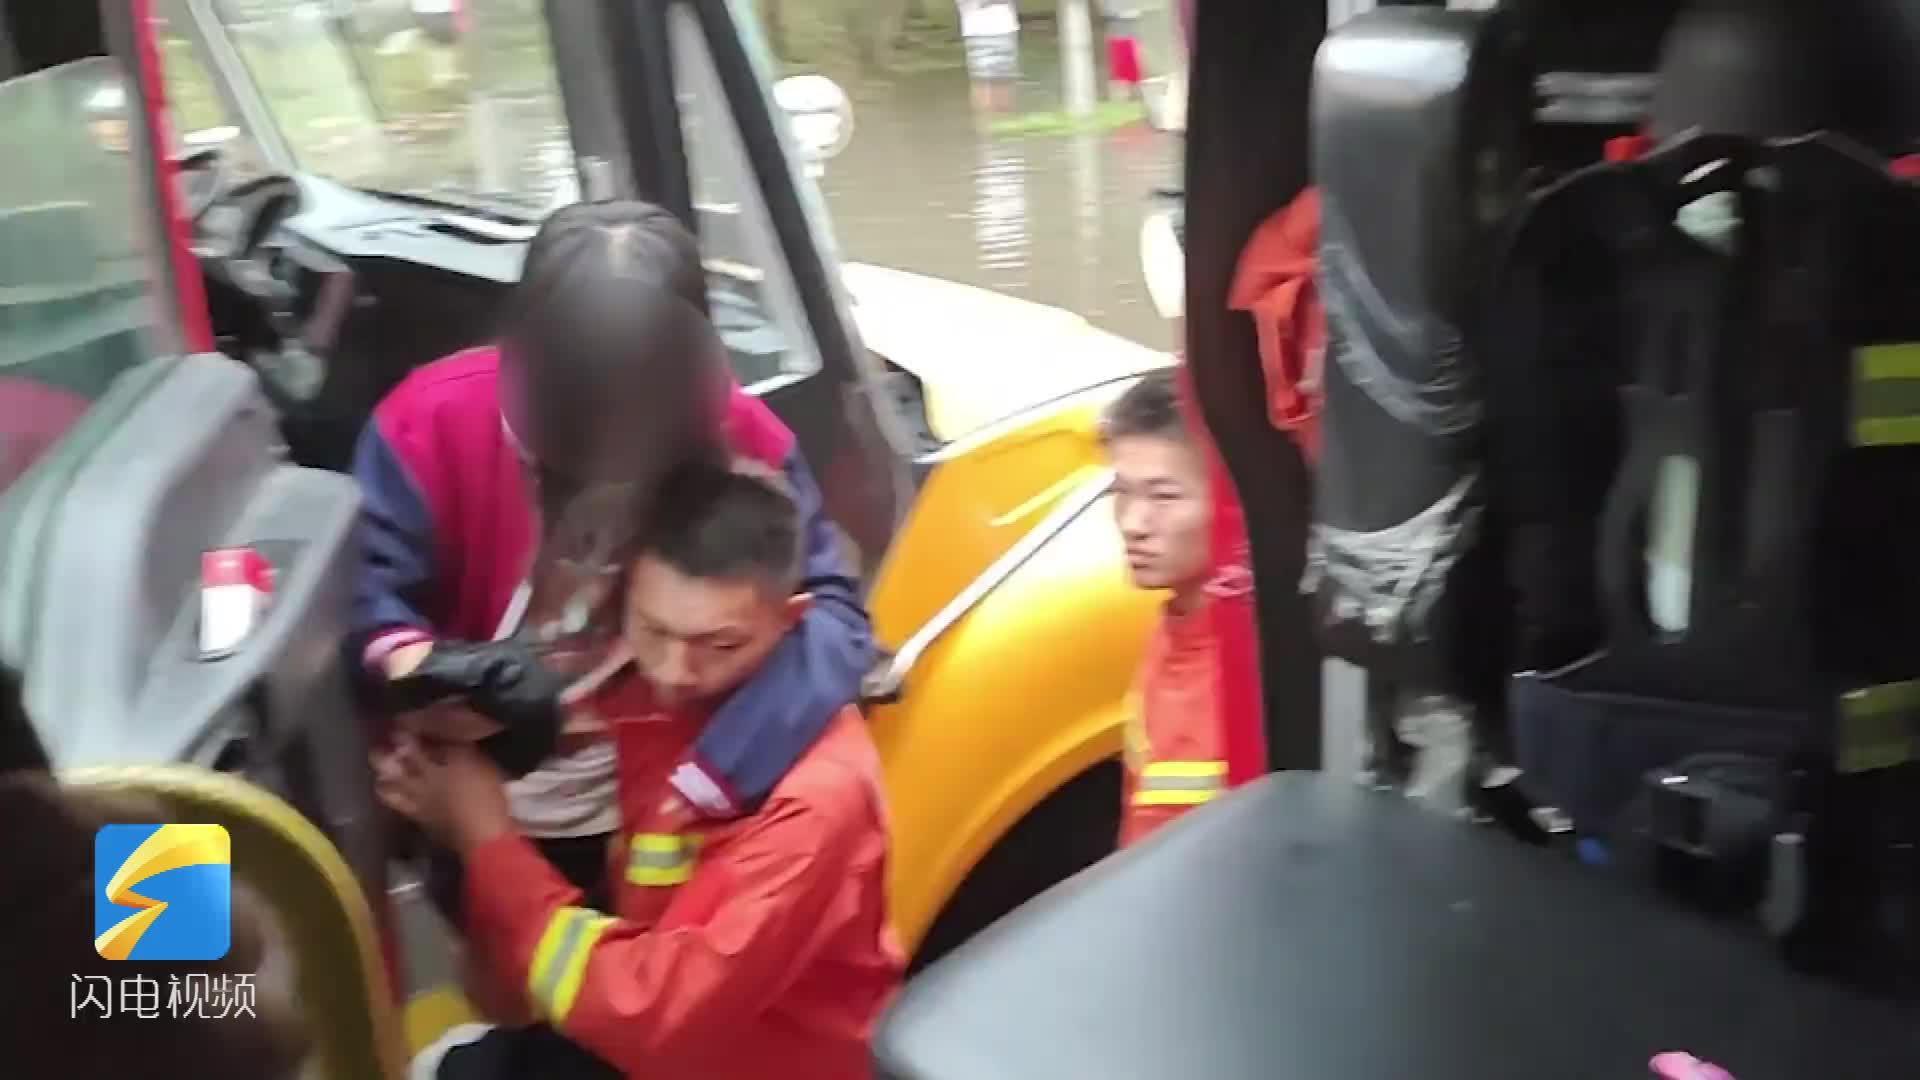 菏泽一辆校车被困水中 消防紧急救出约30名学生